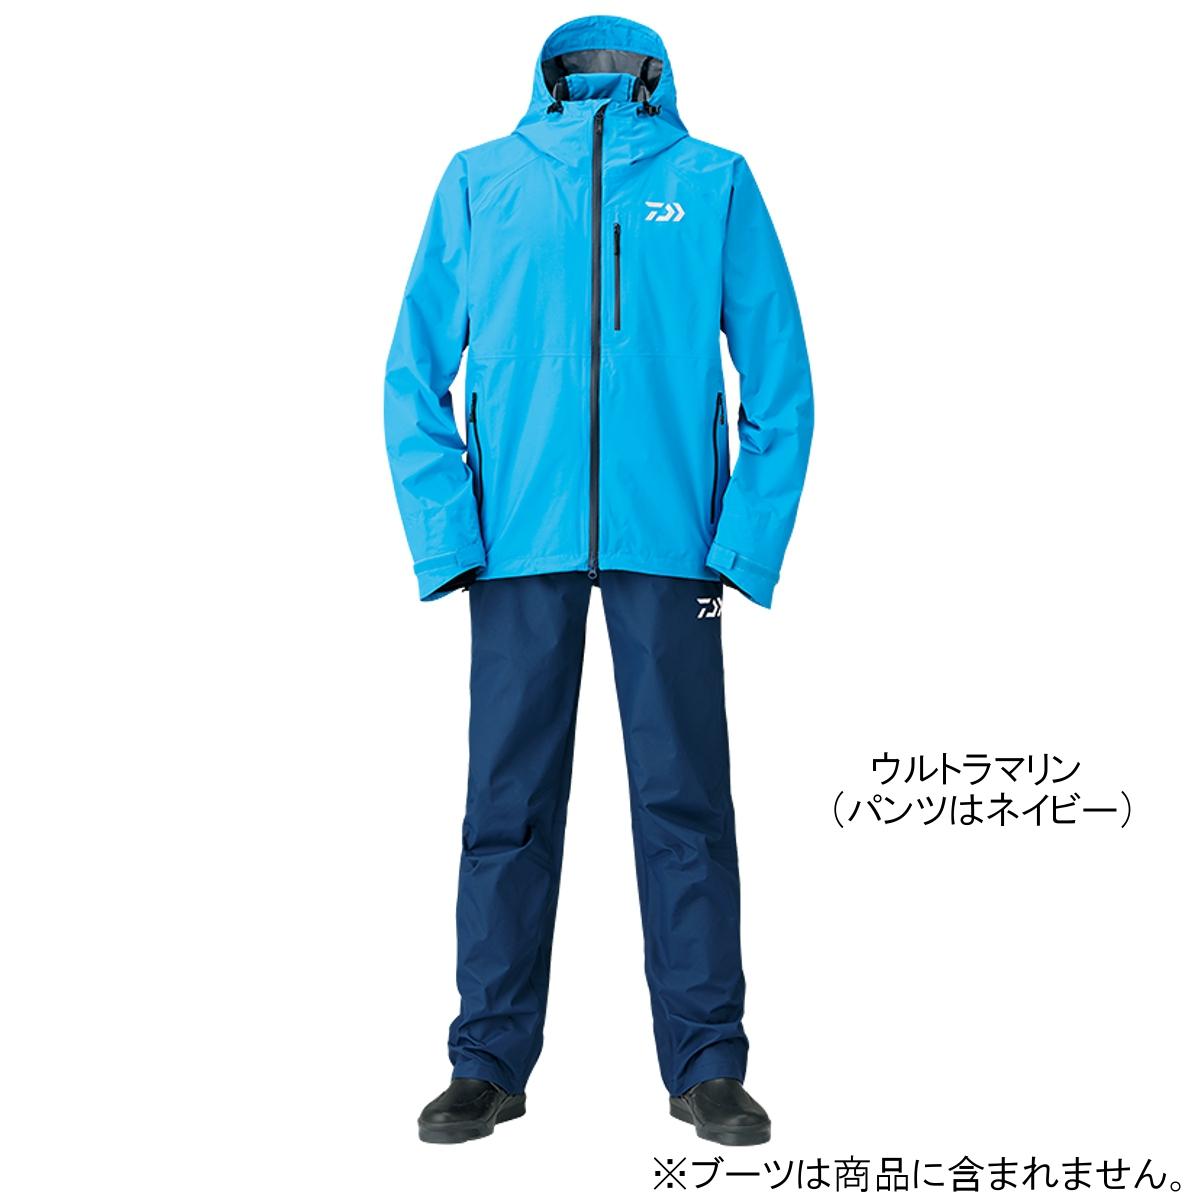 ダイワ レインマックス レインスーツ DR-33008 L ウルトラマリン(東日本店)